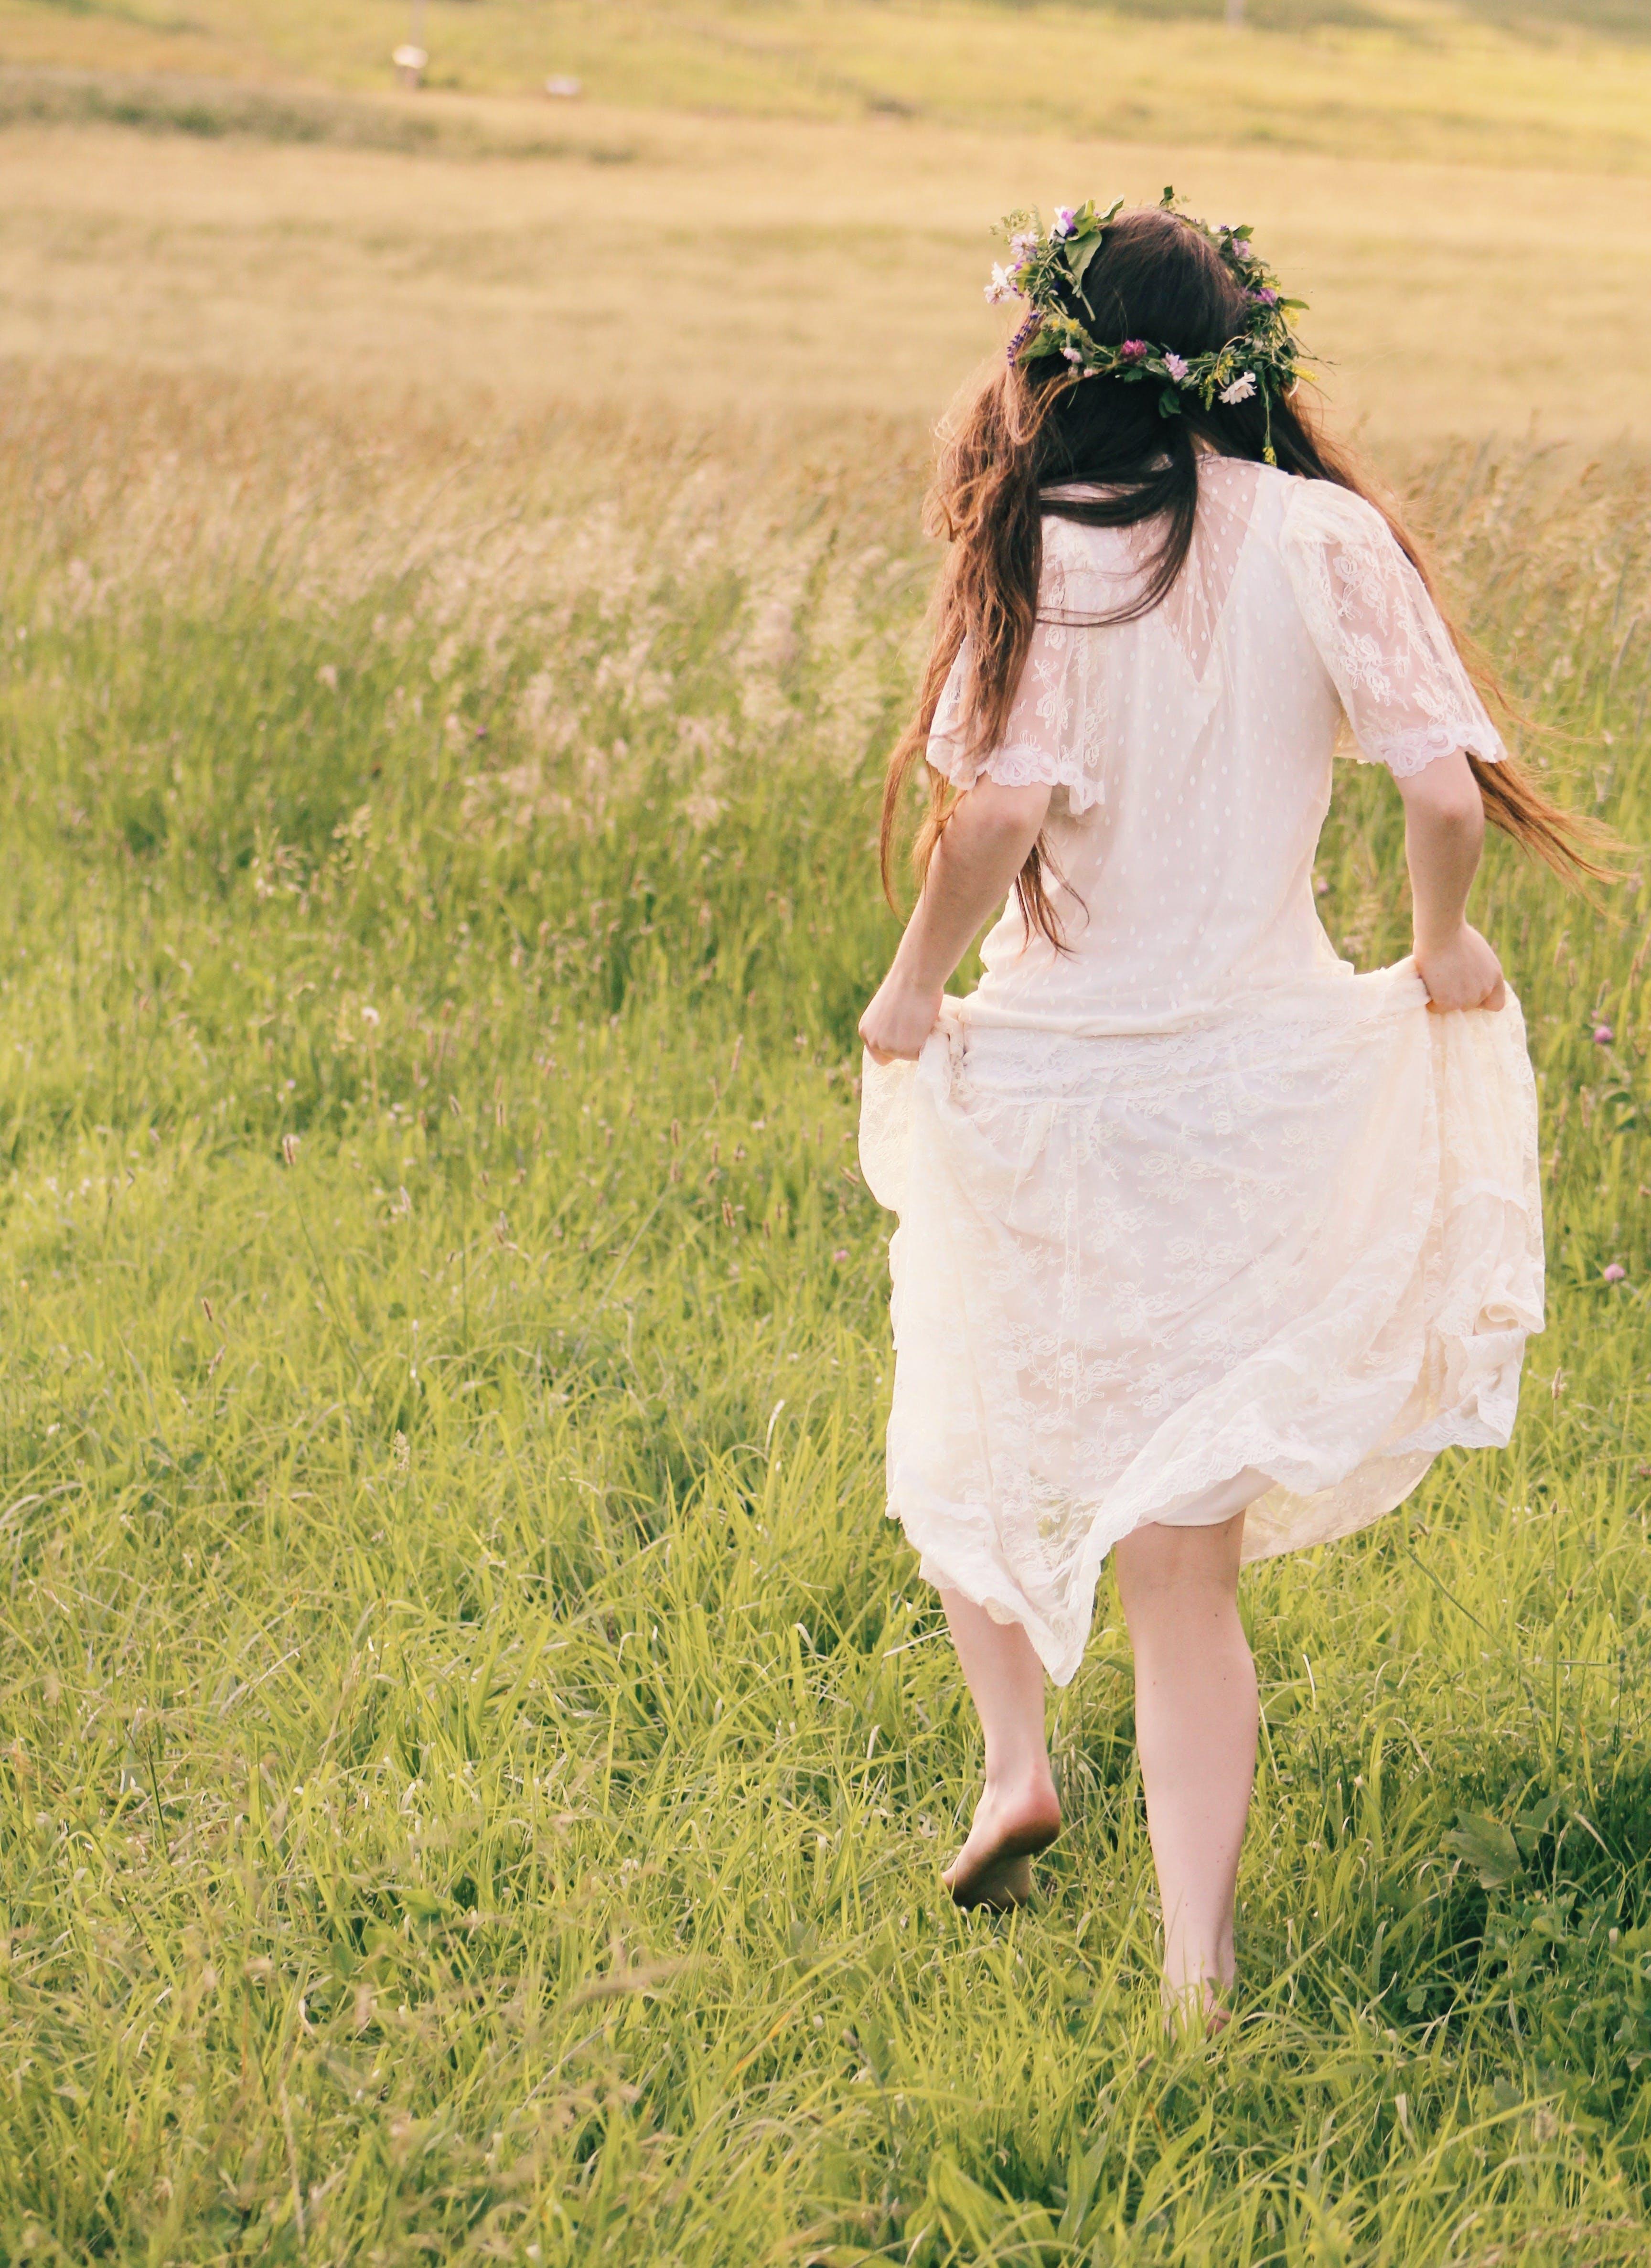 Woman Wearing White Floral Dress